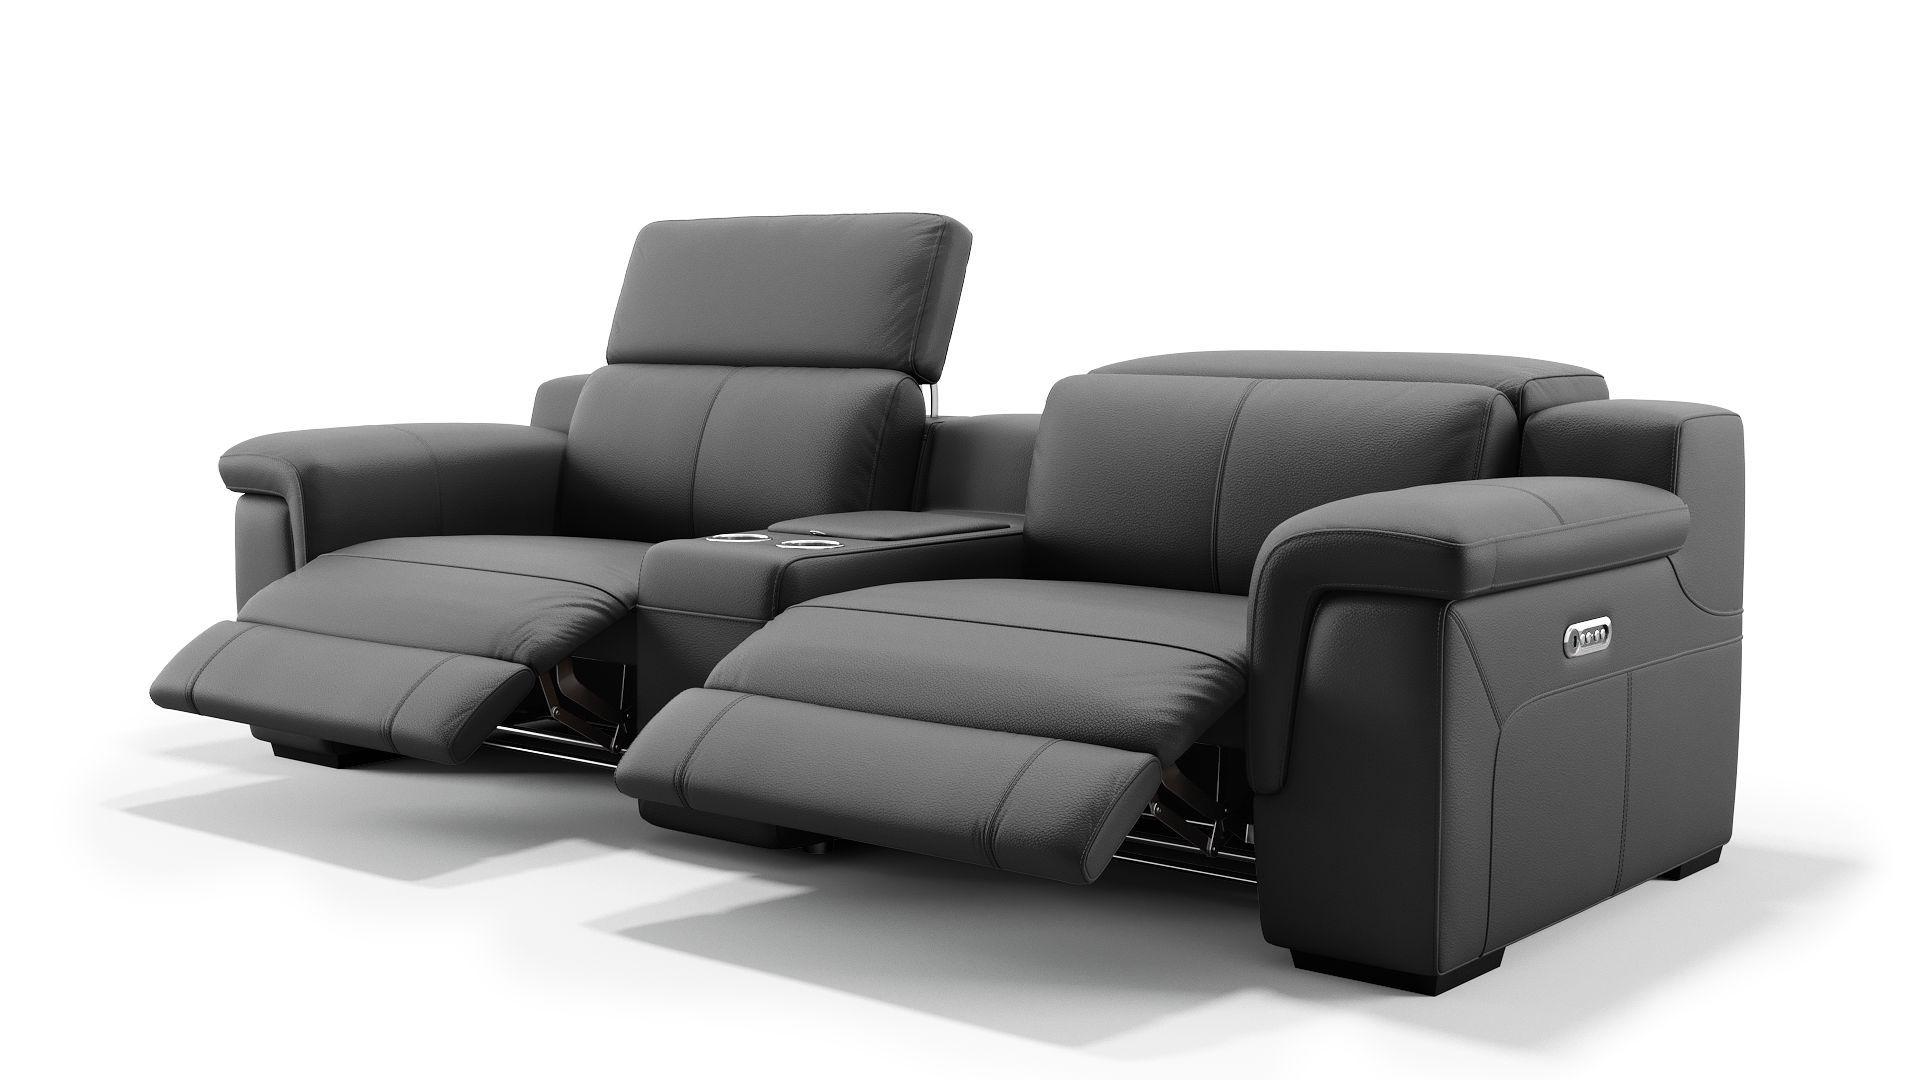 Gewaltig Couch Relaxfunktion Beste Wahl Details Elektrische Per Knopfdruck An Beiden Sitzen